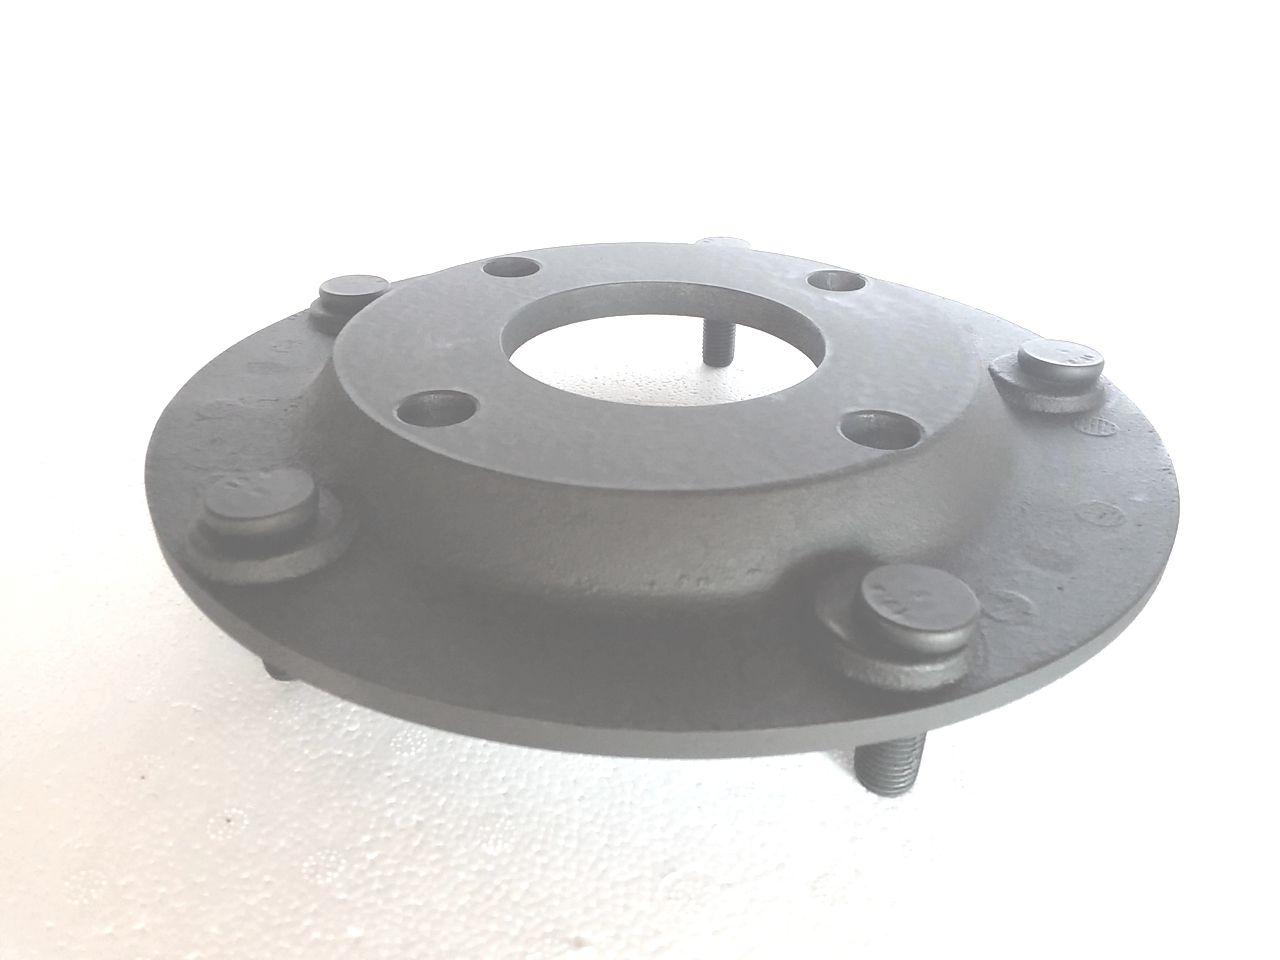 04 Pçs Adaptador De Roda De Fusca 4 F 4x130mm P/ 5x205mm Cro